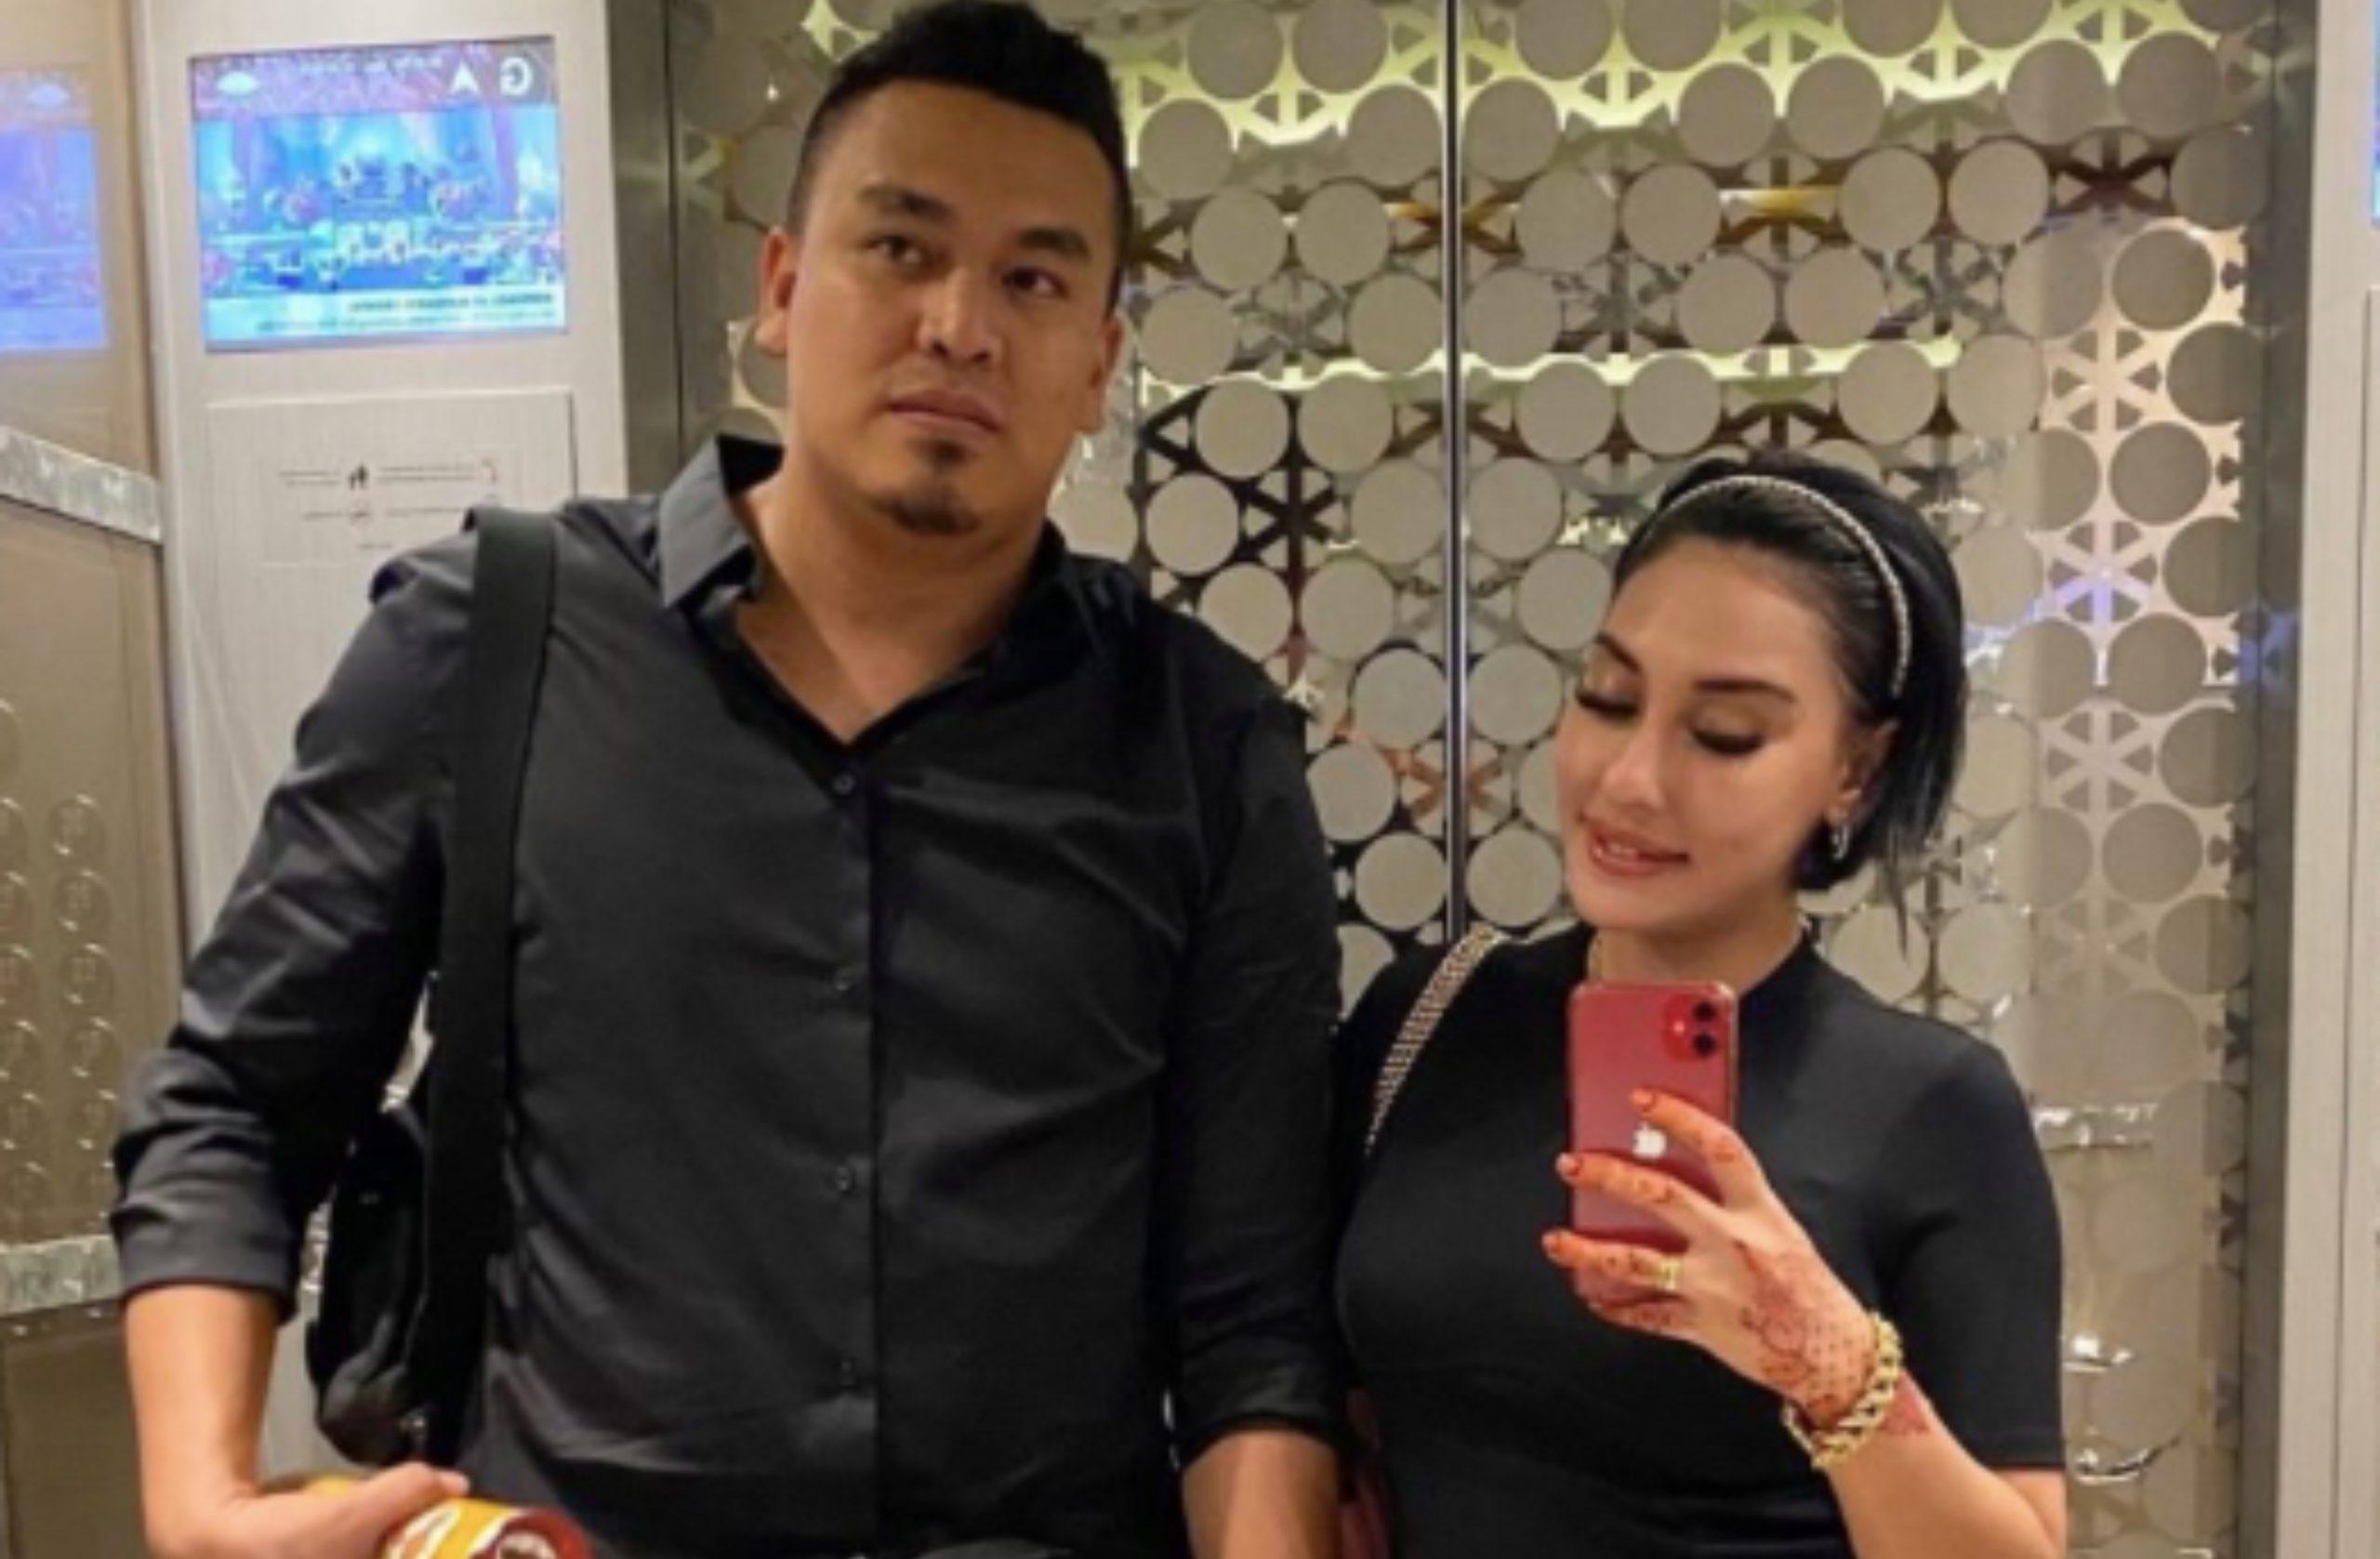 Didakwa Ugut Mahu Sebar Gambar Aib, Bekas Suami Zarina Anjoulie Ditahan Polis 4